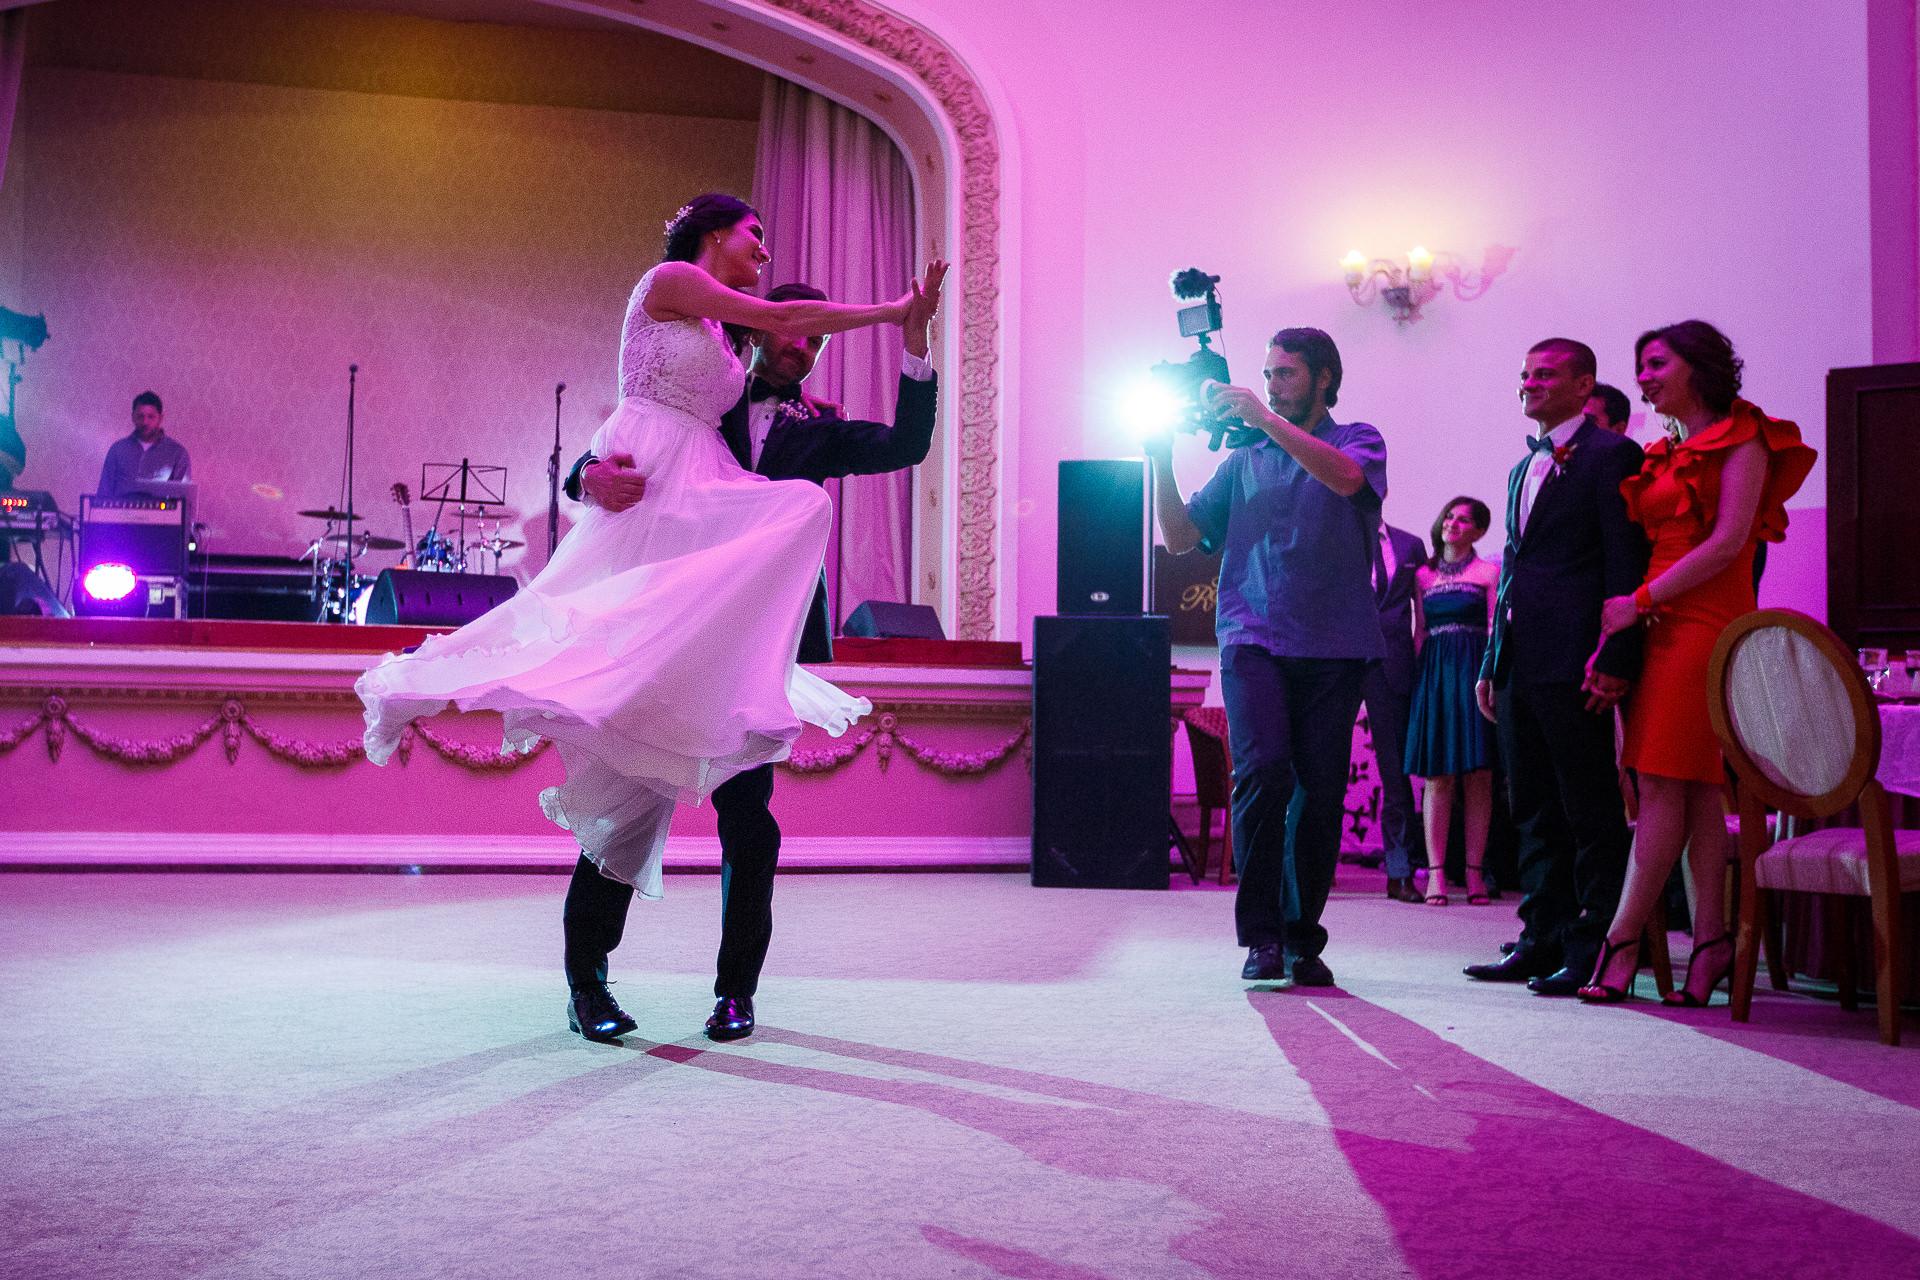 nuntă Salon Elisabeta - Elena şi Costin - Mihai Zaharia Photography - 055